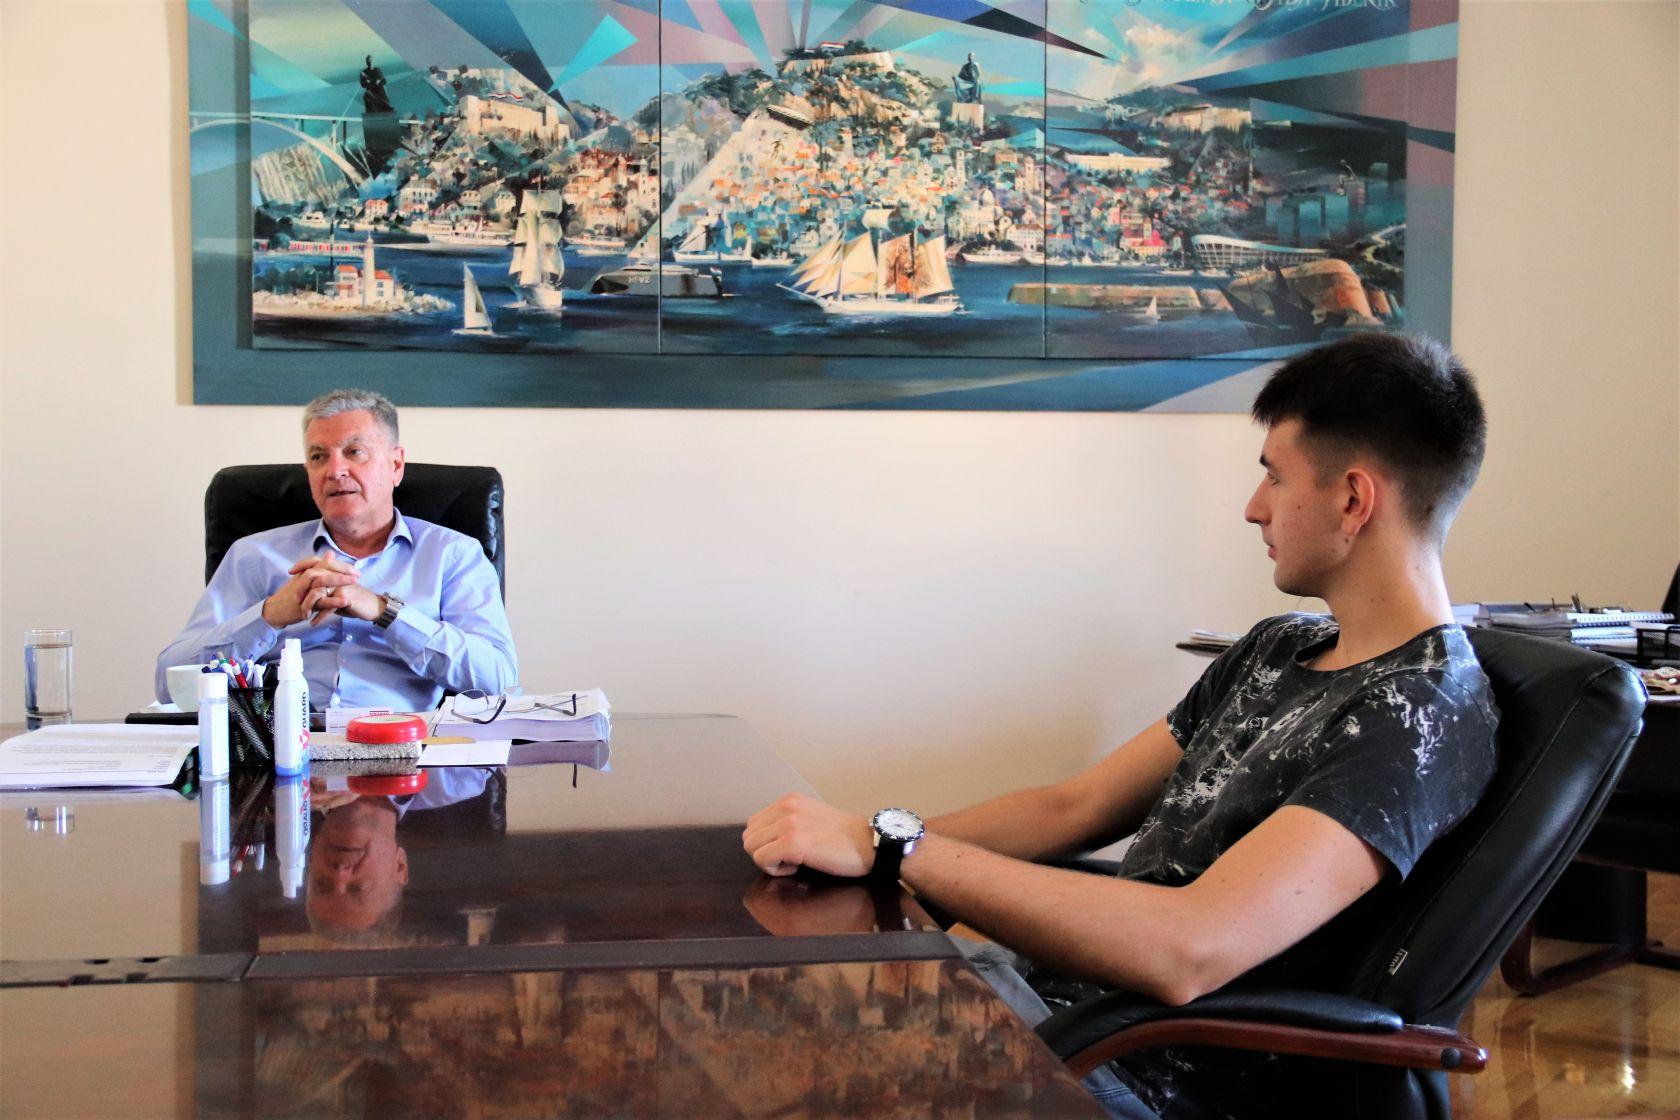 Gradonačelnik Željko Burić primio uspješnog šibenskog gimnazijalca Marka Miljkovića